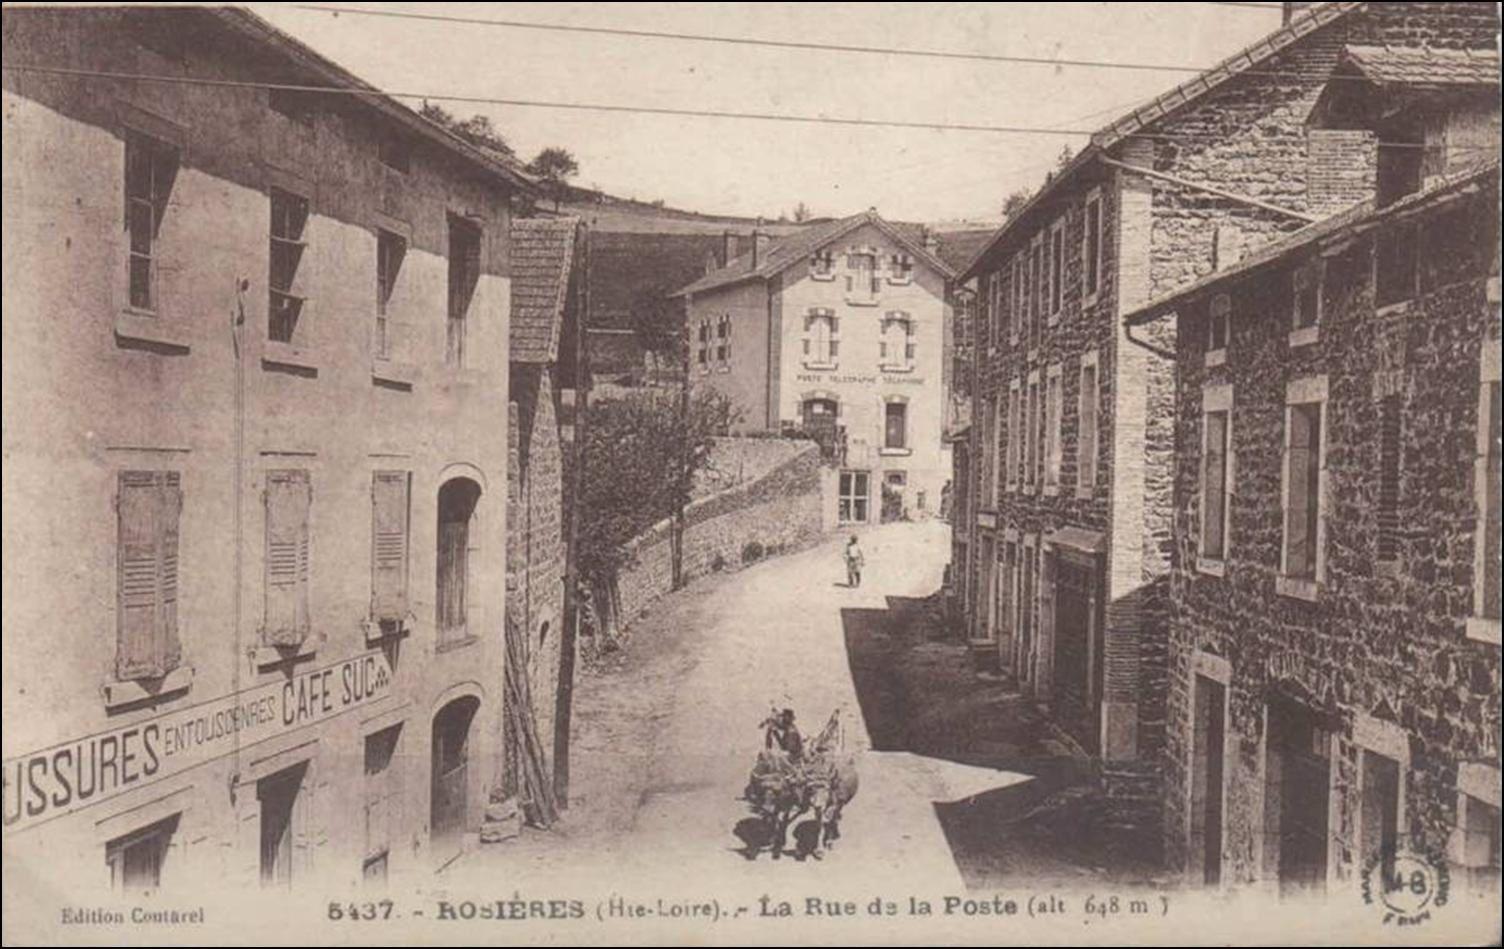 Les villages de Haute-Loire: Rosières